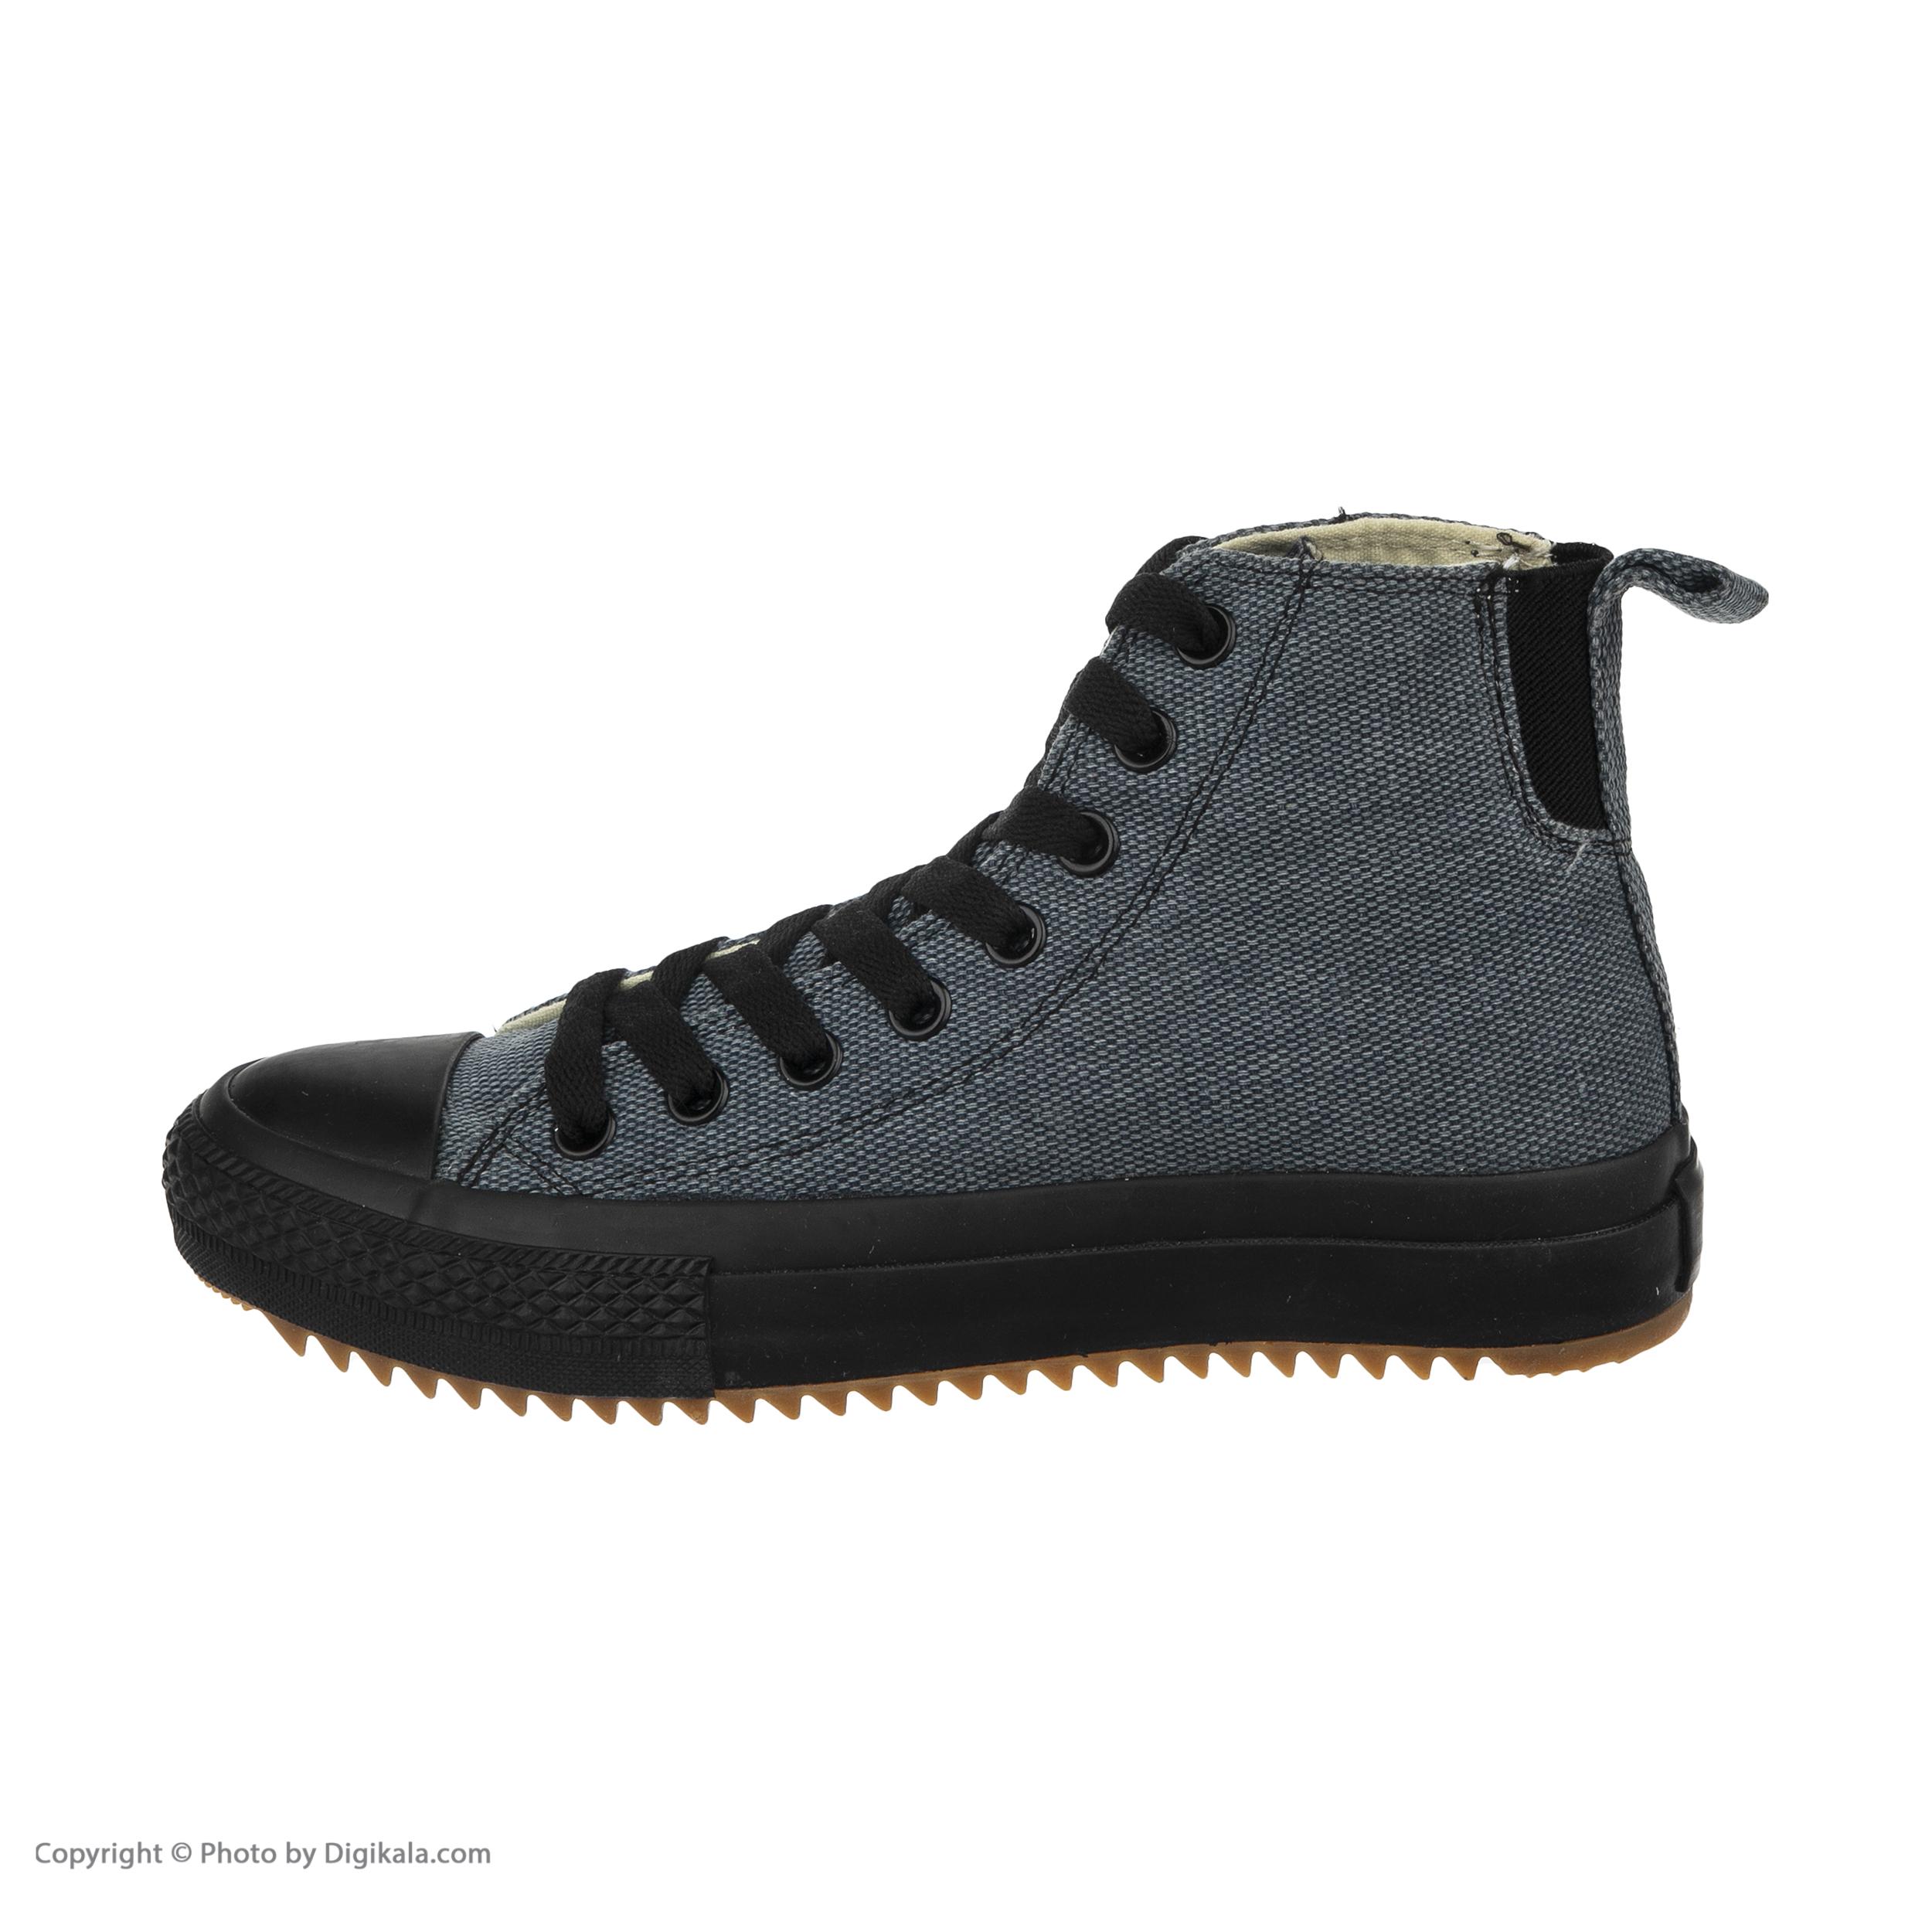 قیمت خرید کفش راحتی کانورس مدل GH-5004 اورجینال